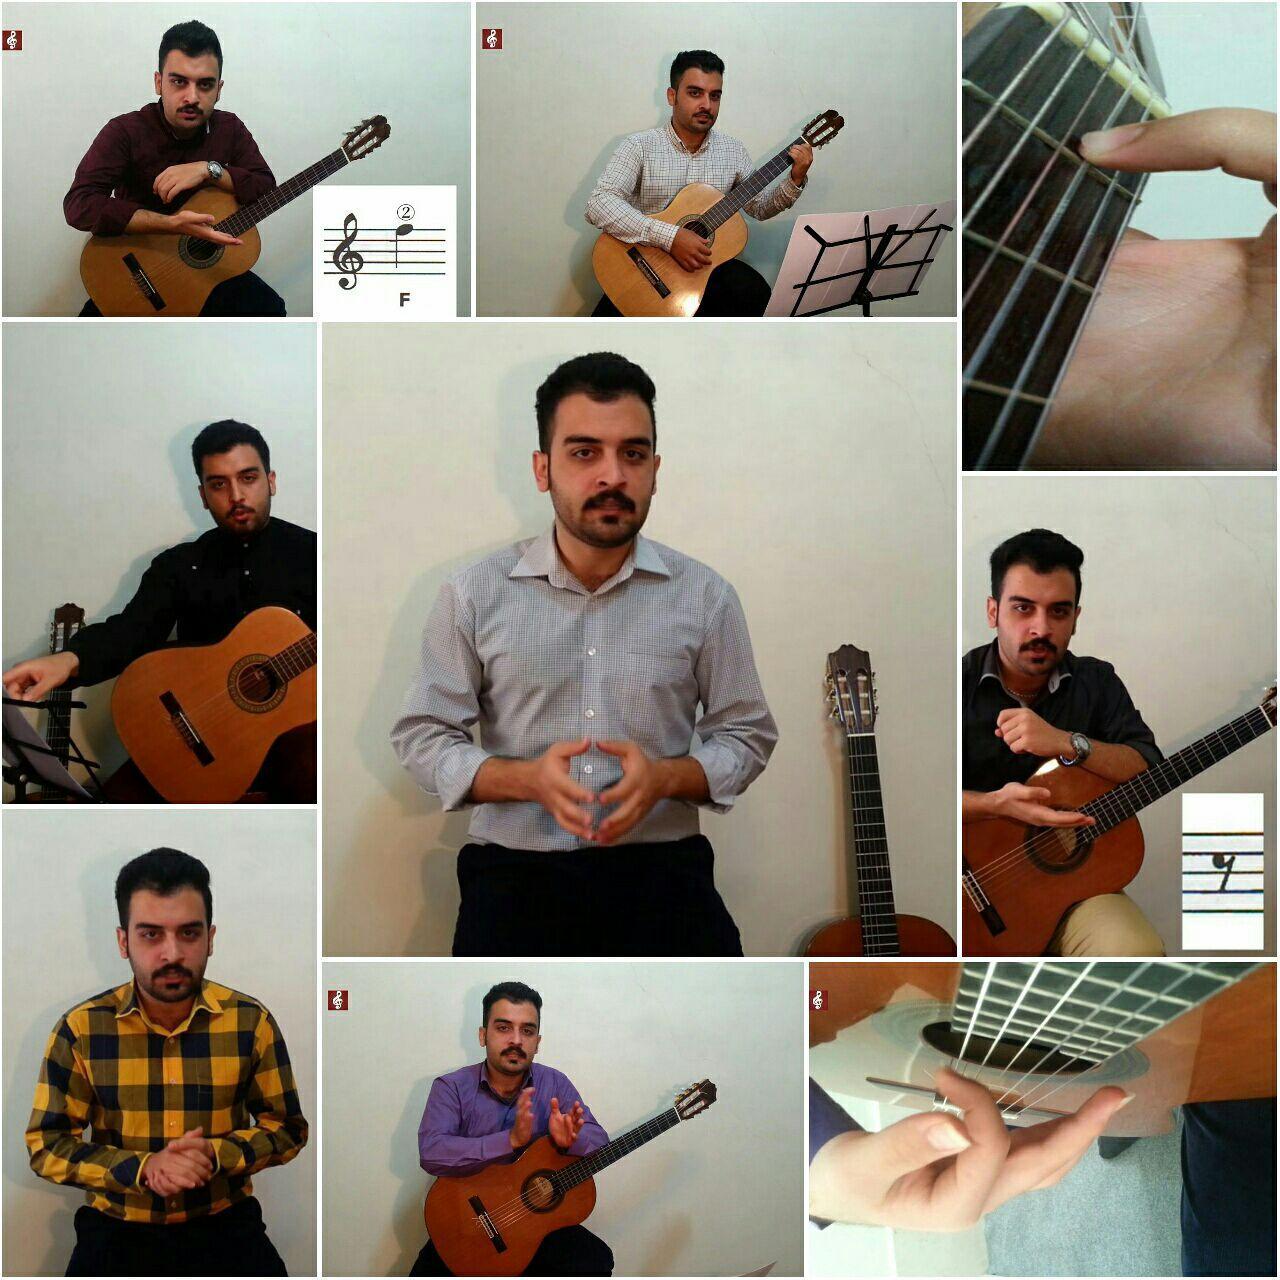 آموزش صفر تا صد گیتار با علیرضا نصوحی | جلسه چهل و چهارم